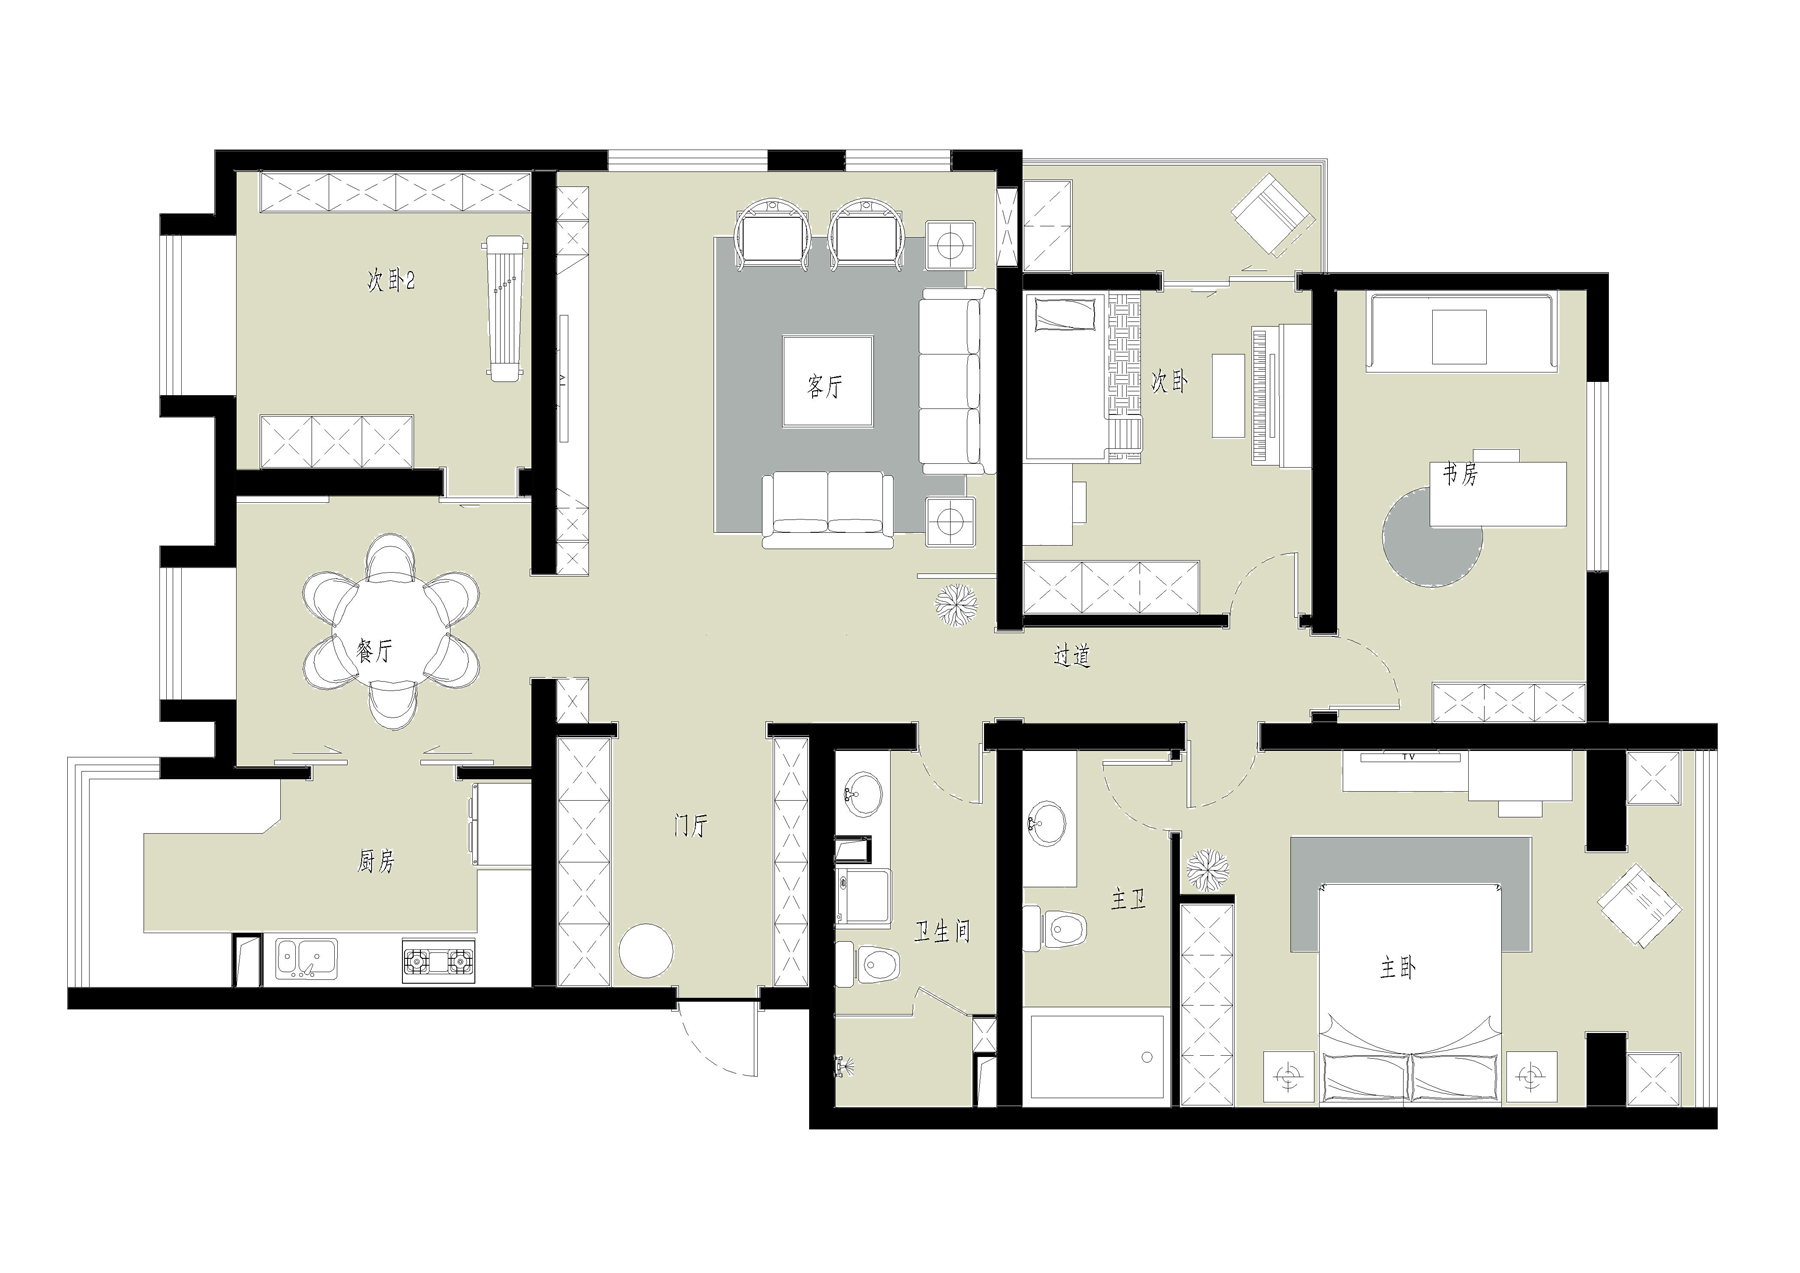 流星花园-新中式-170平米装修设计理念